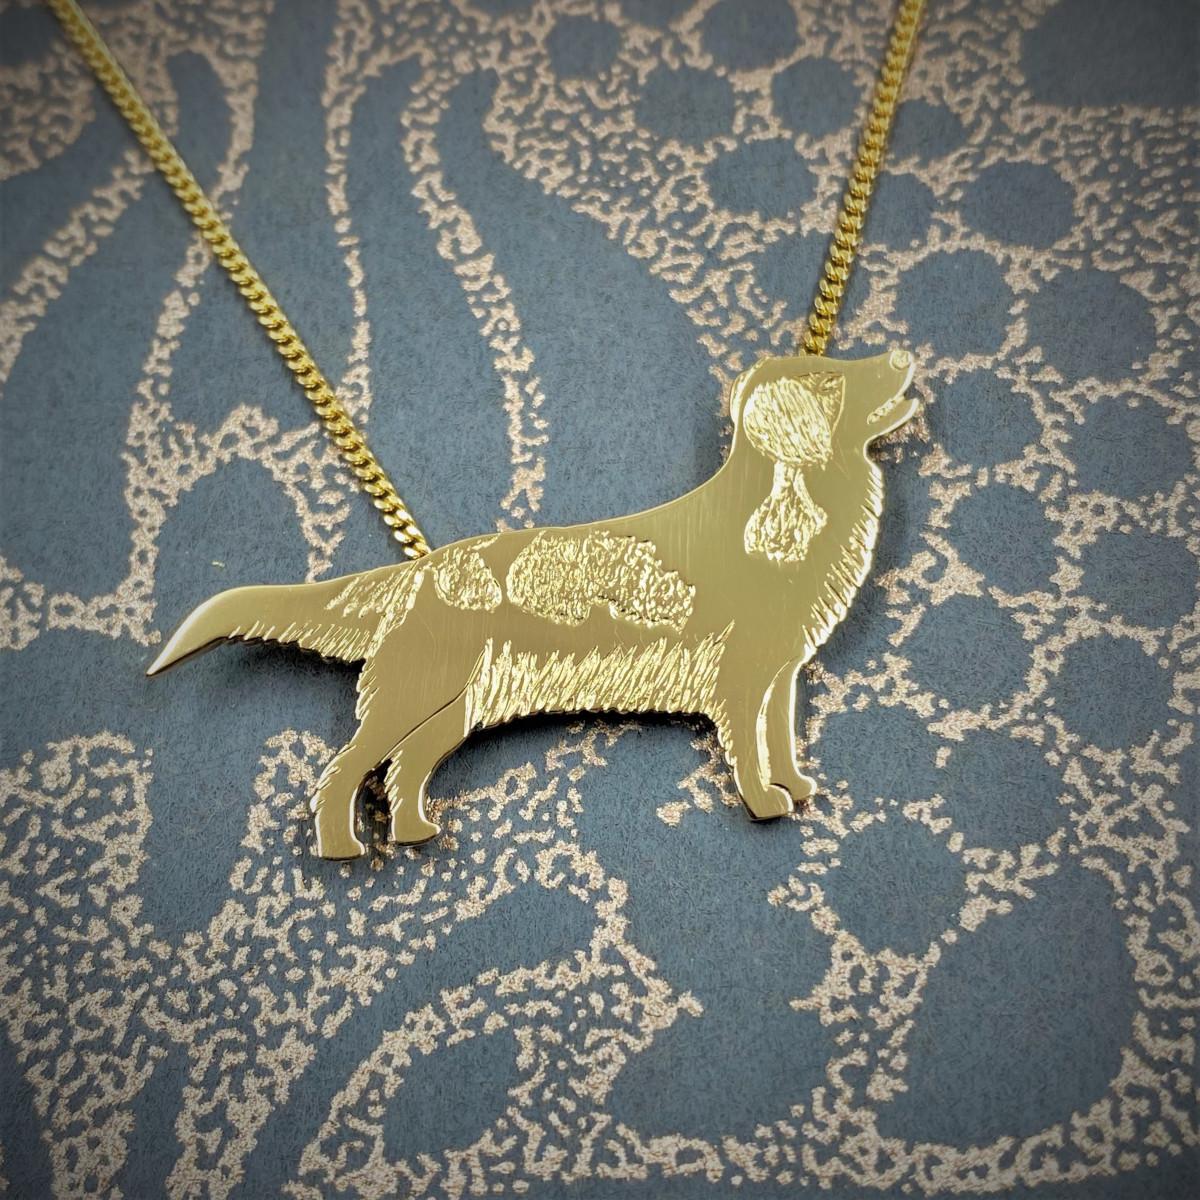 Kooiker, guldhund, guldhänge